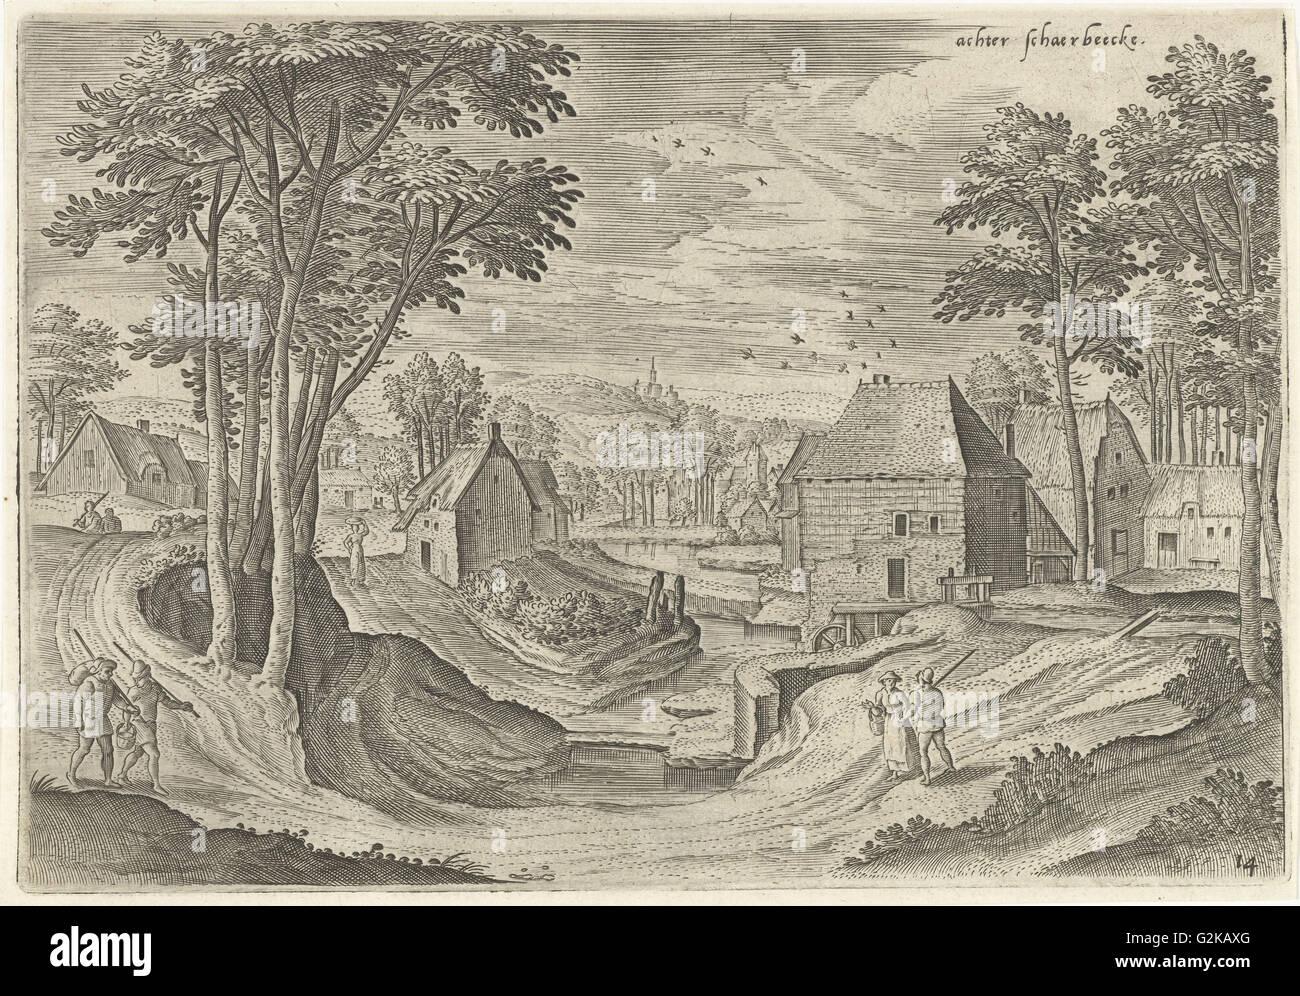 View near Schaerbeek, Belgium, Hans Collaert (I), Hans Bol, Claes Jansz. Visscher (II), 1530 - 1580 - Stock Image